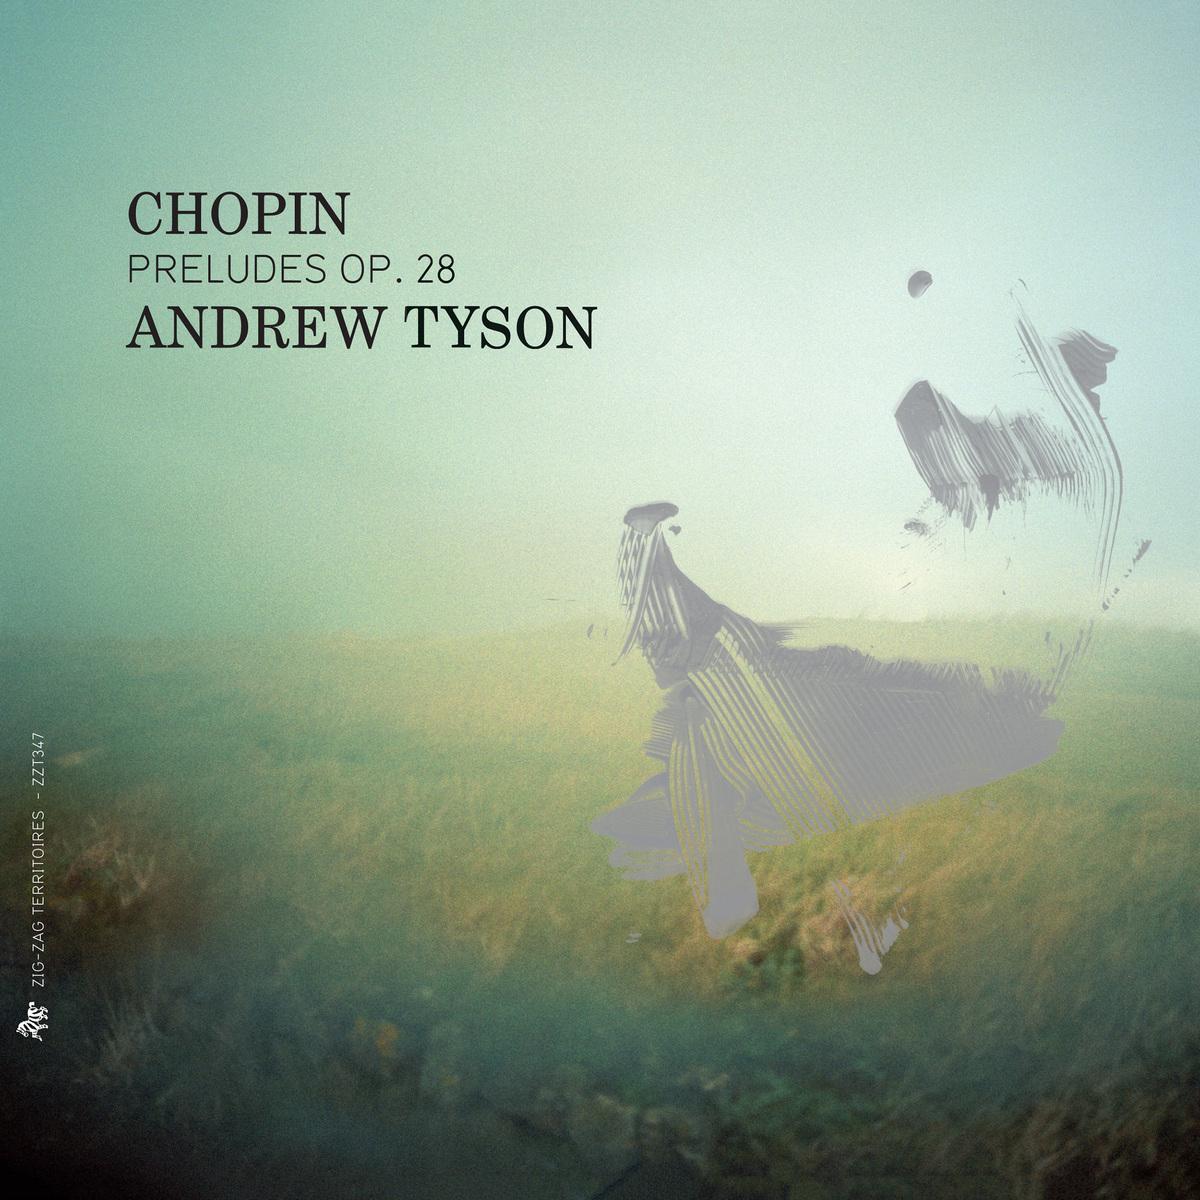 cover tyson chopin preludes zzt